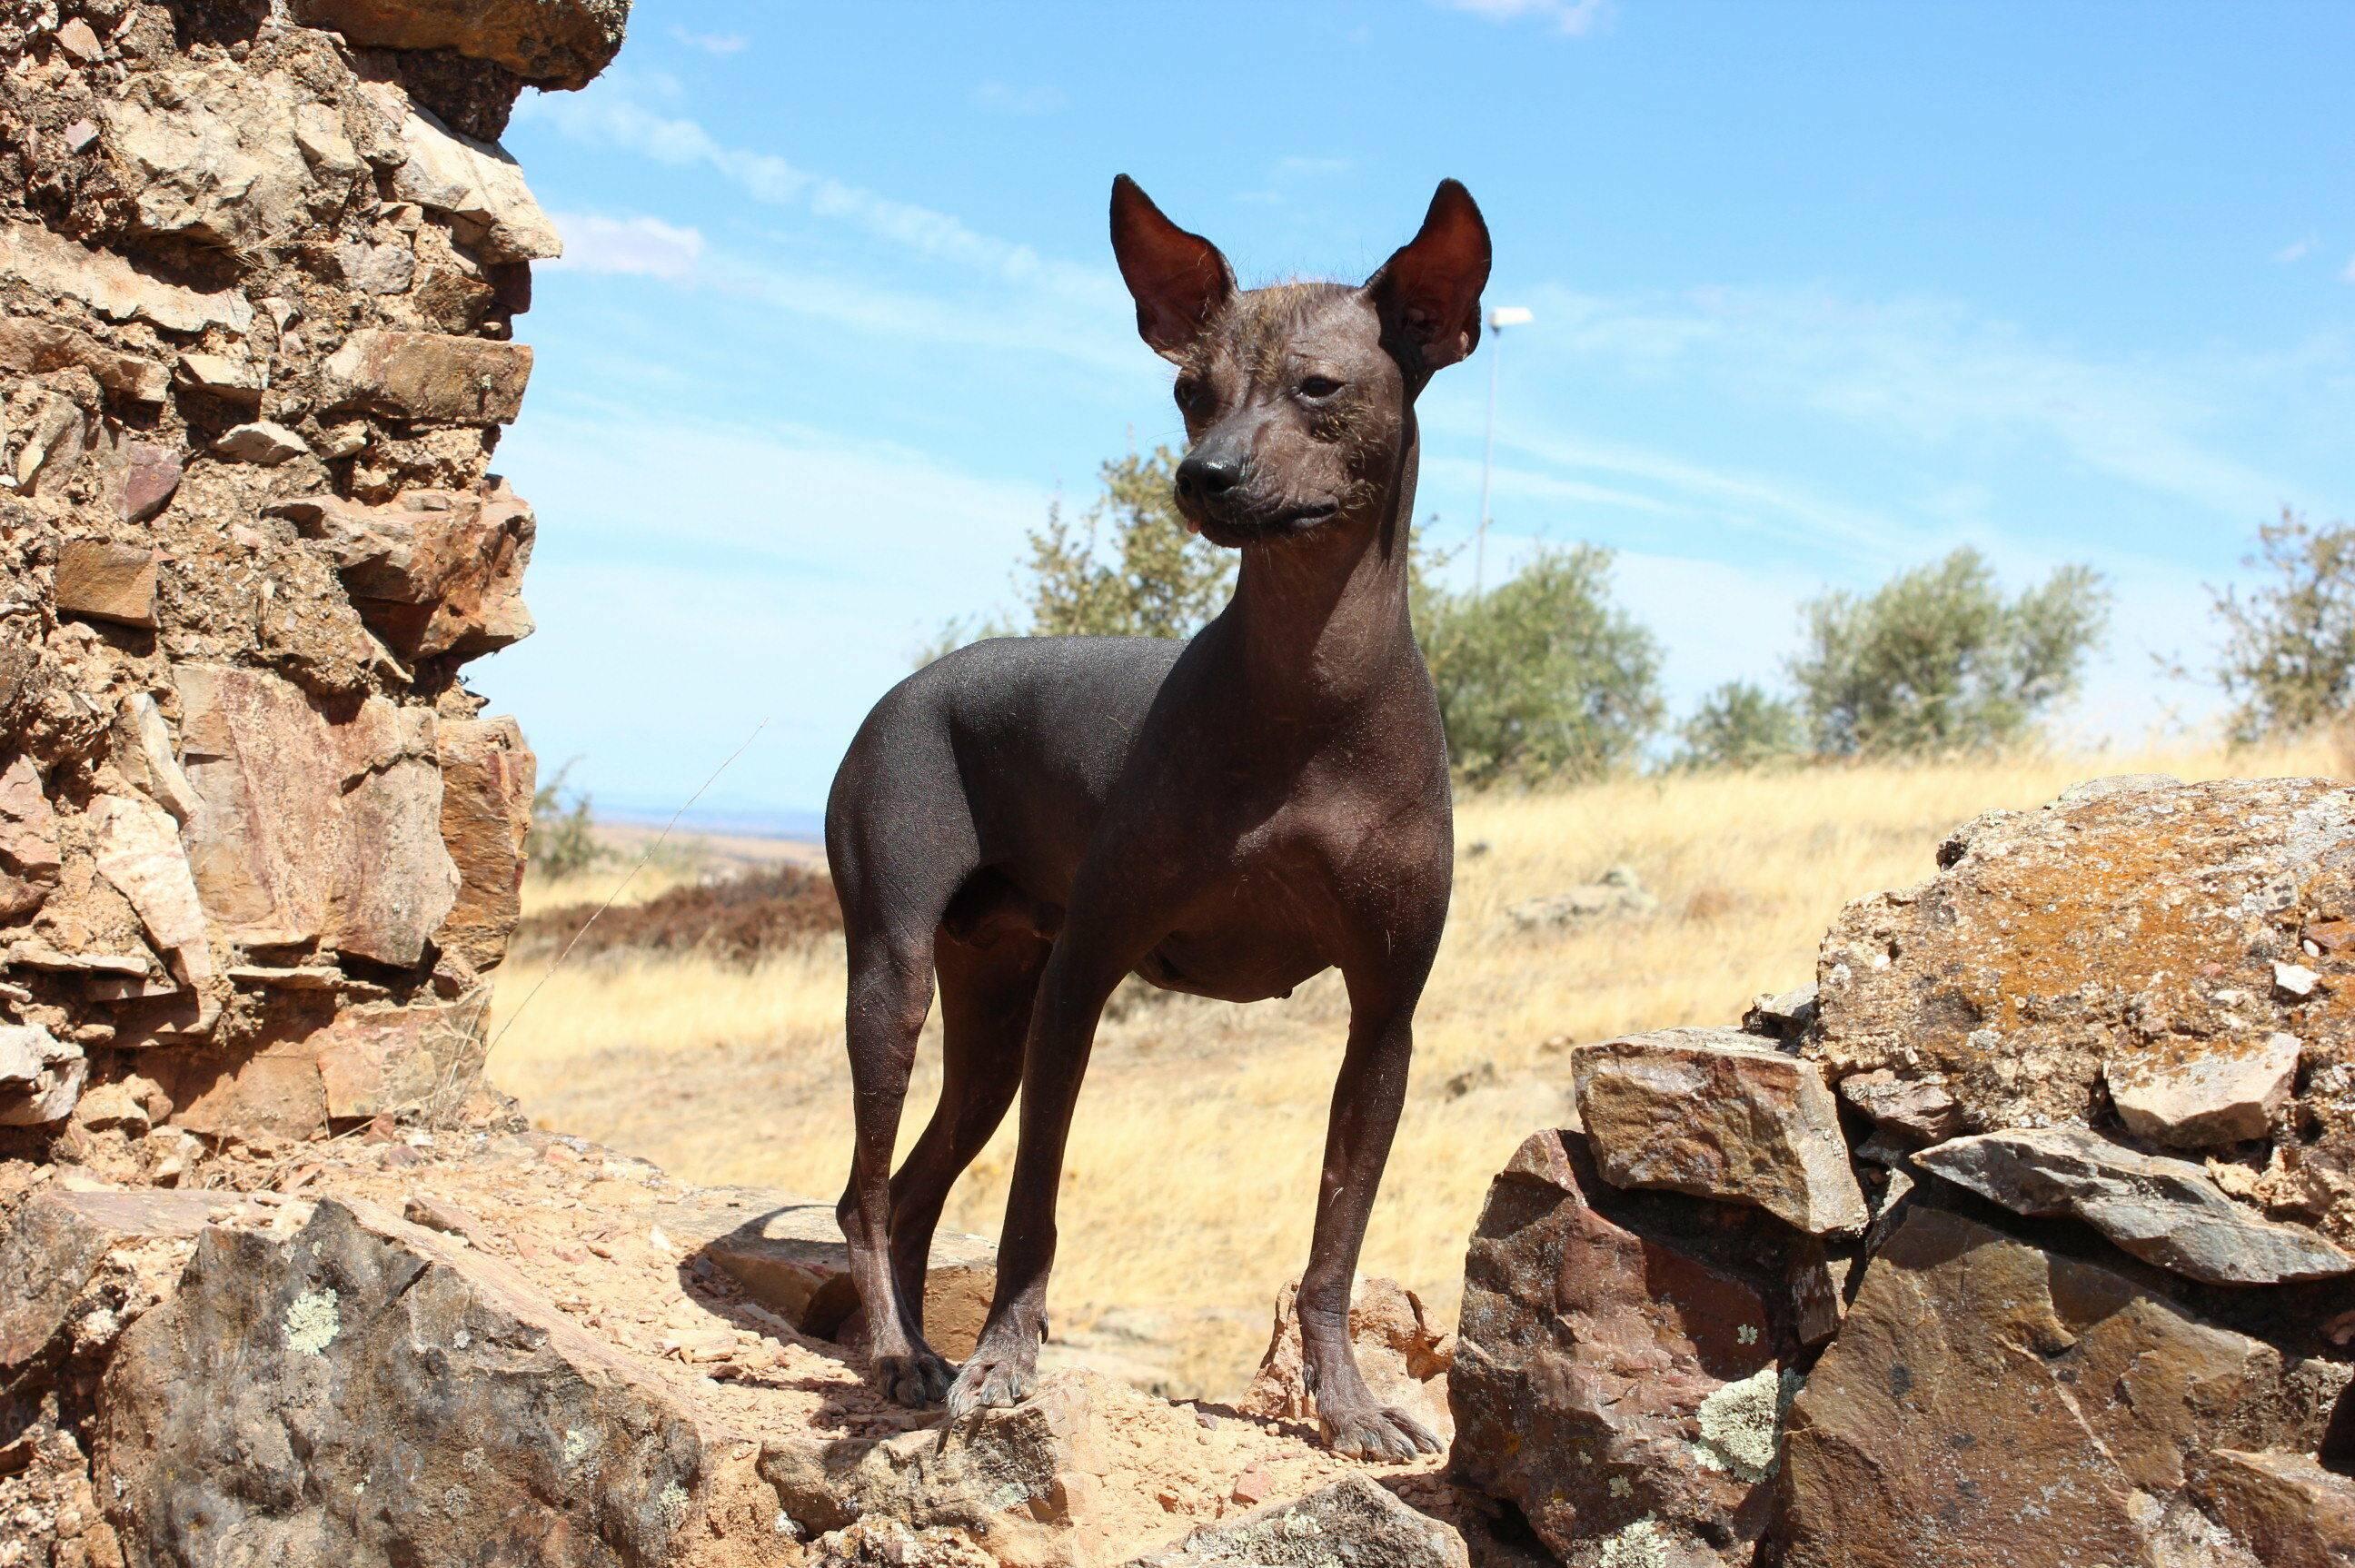 Порода голая мексиканская собака: история, внешний вид и характер, особенности ухода и дрессировки